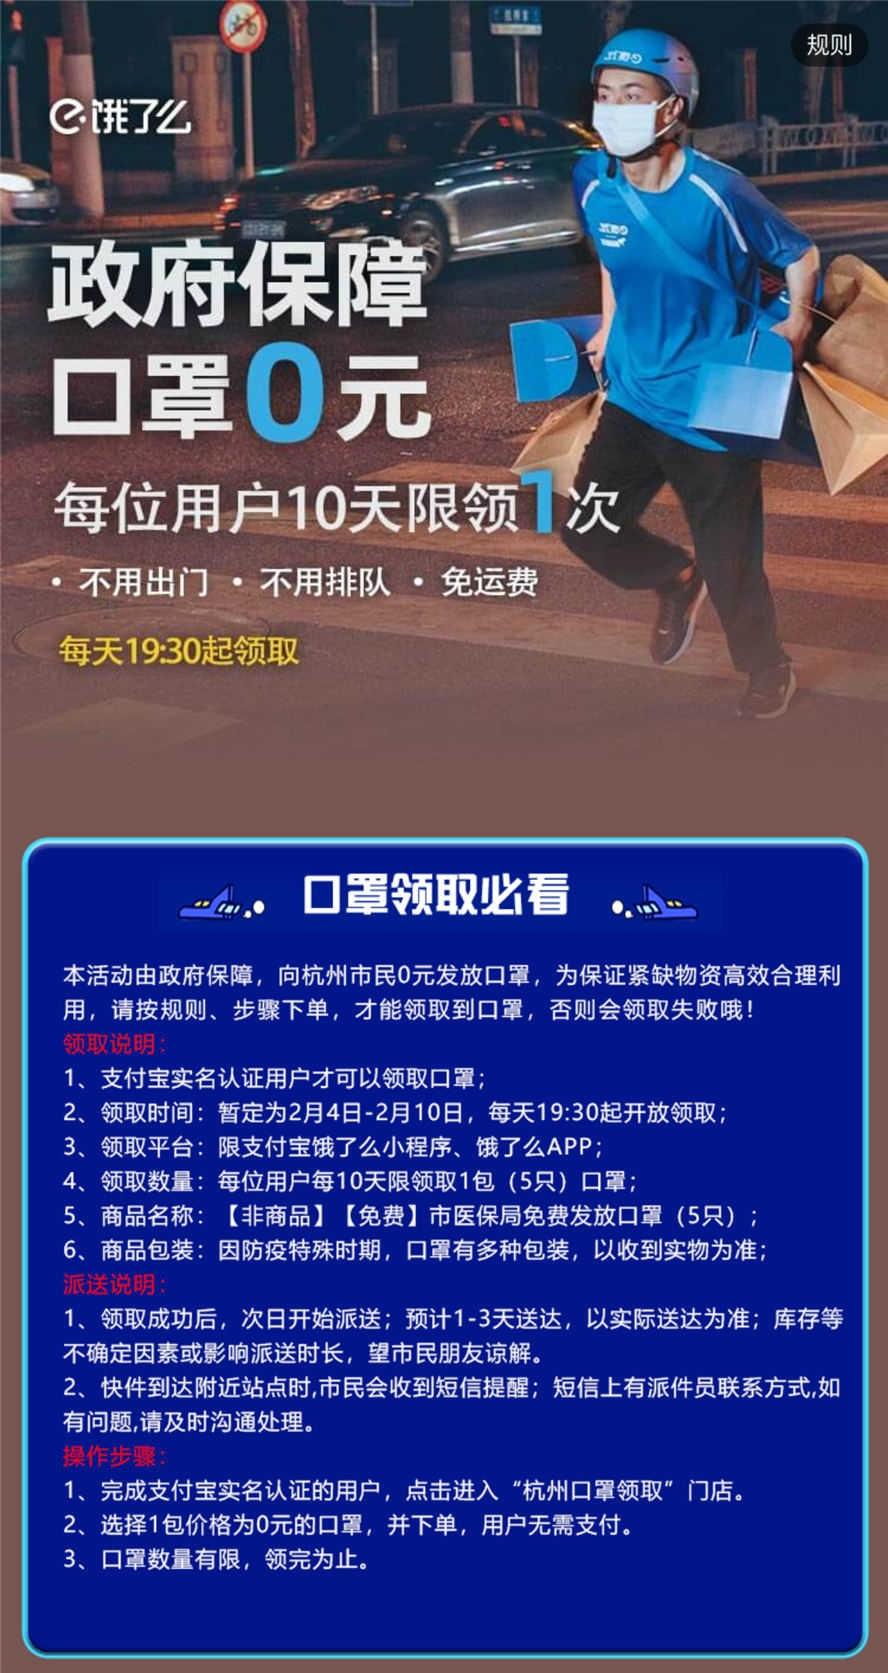 杭州市民领5只口罩免运费